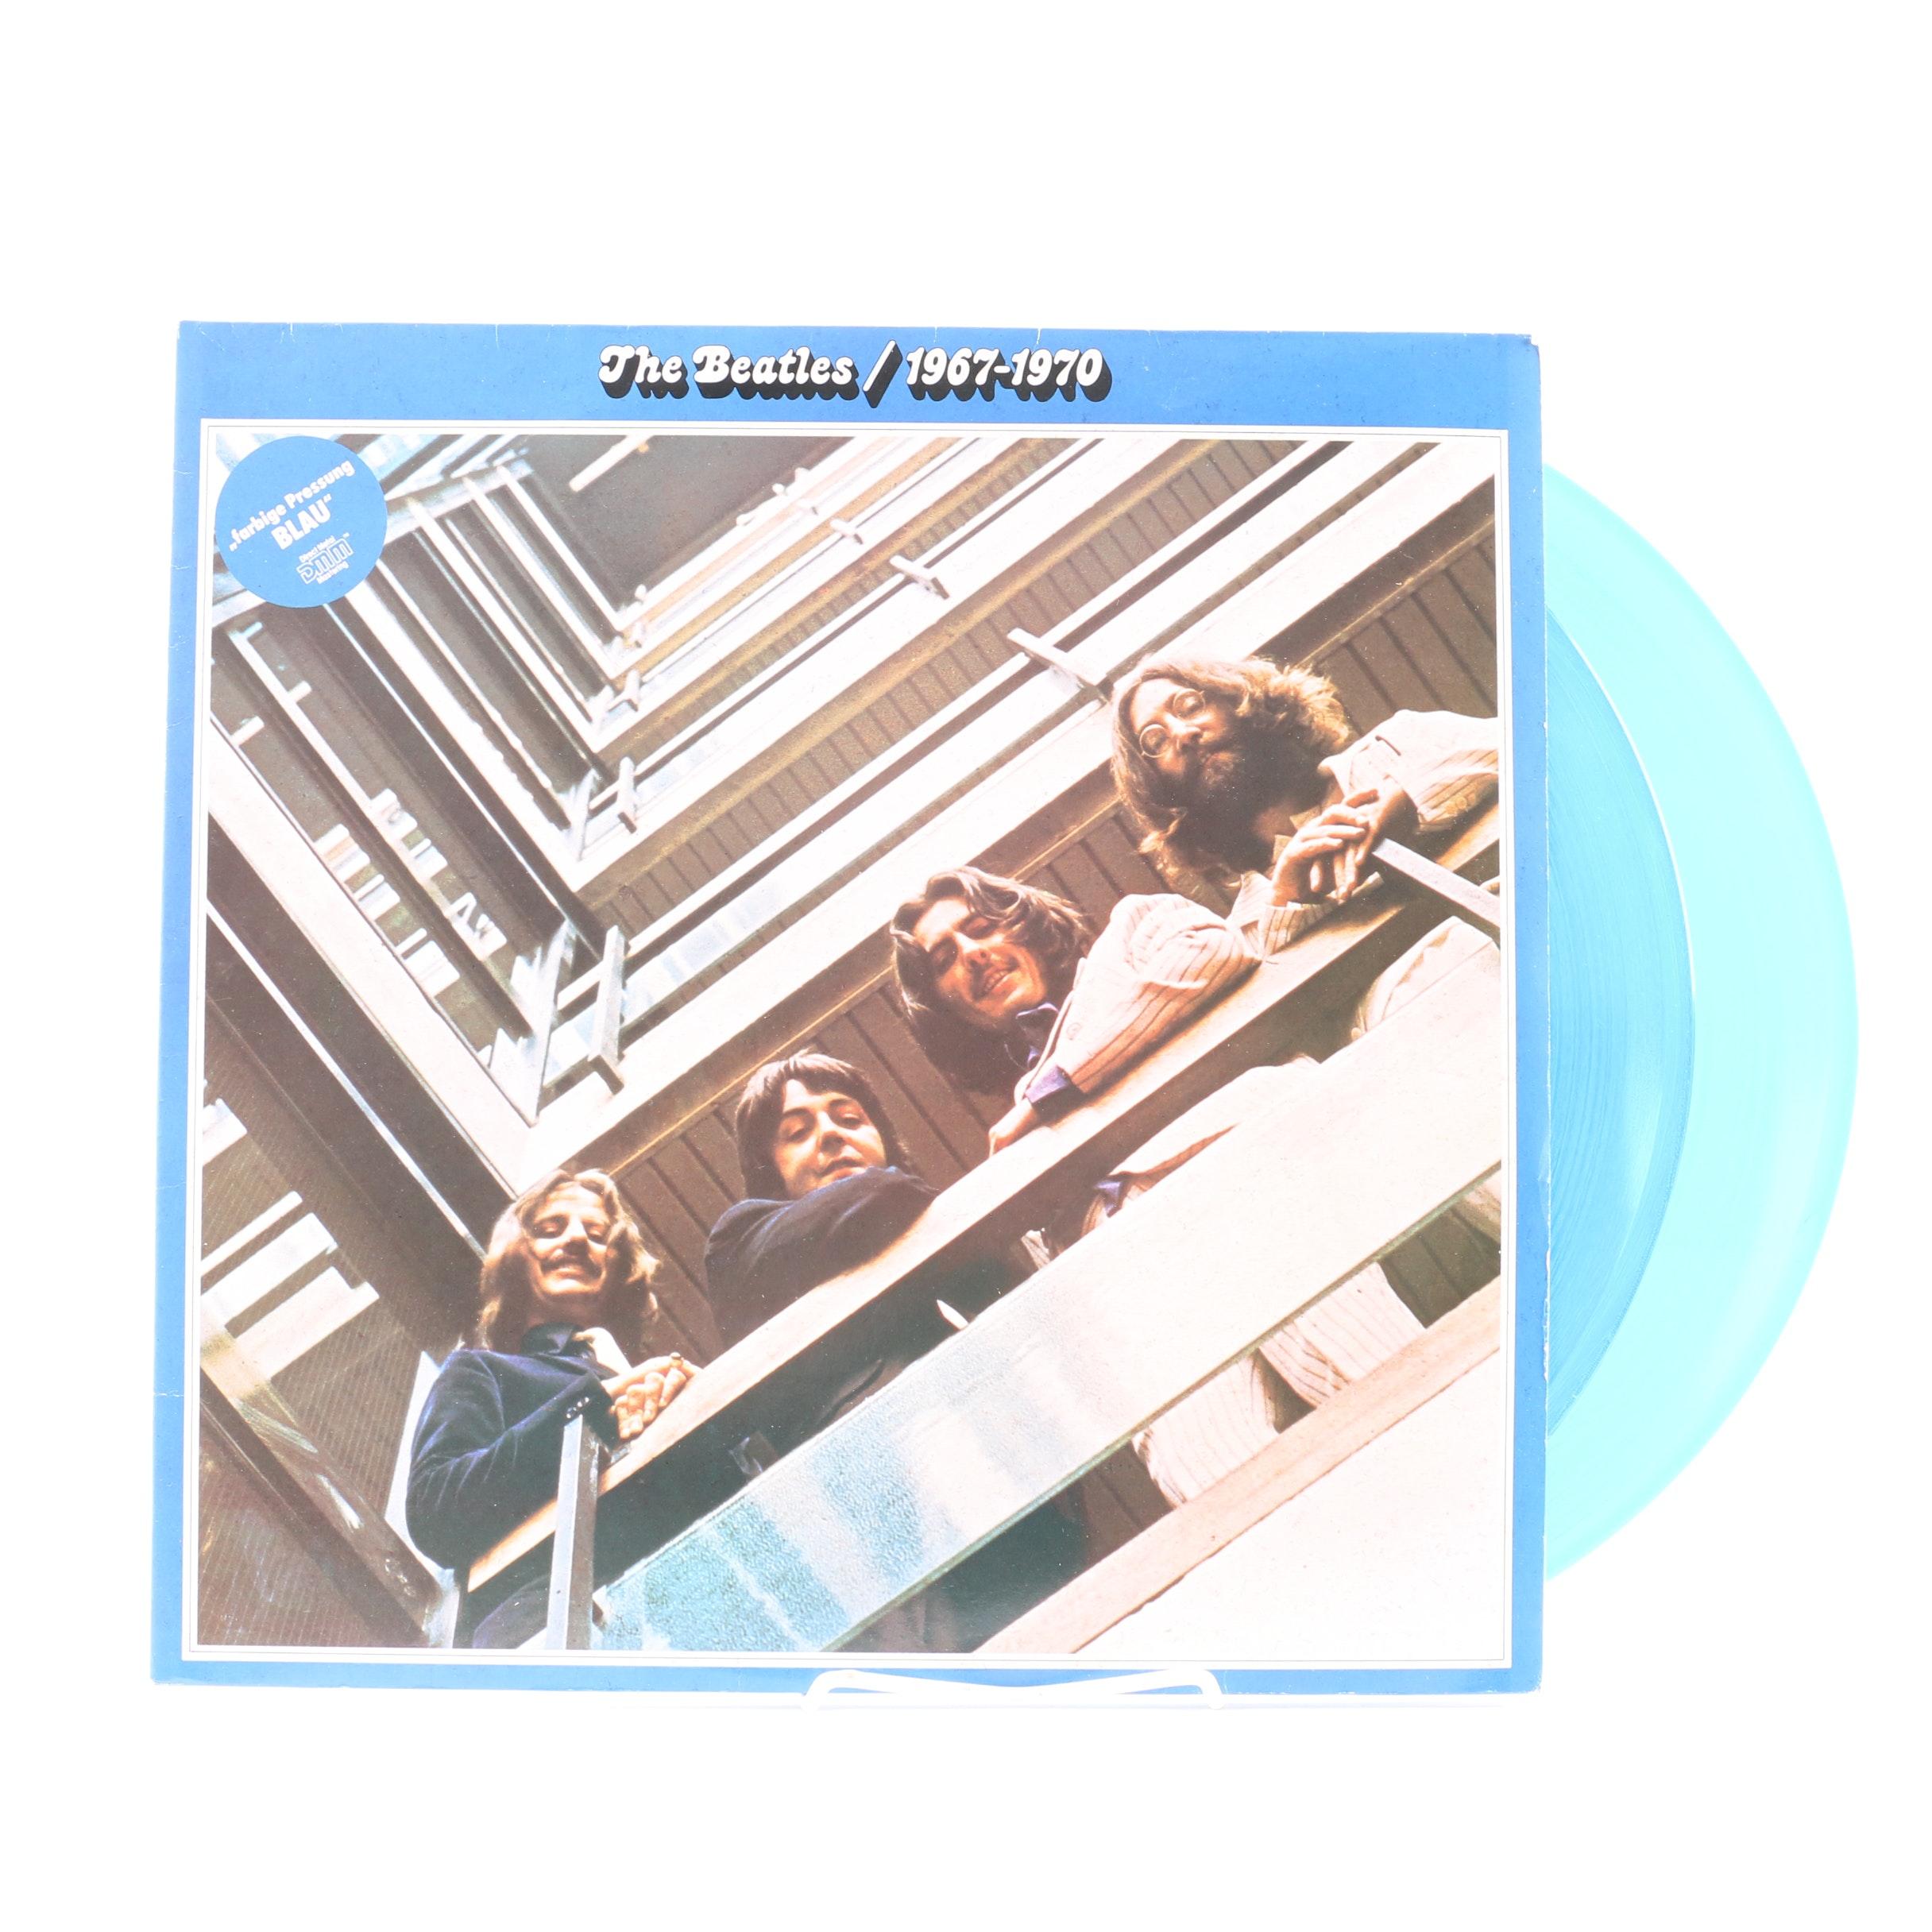 """The Beatles """"1967-1970"""" 1985 German Pressing LP on Blue Vinyl"""